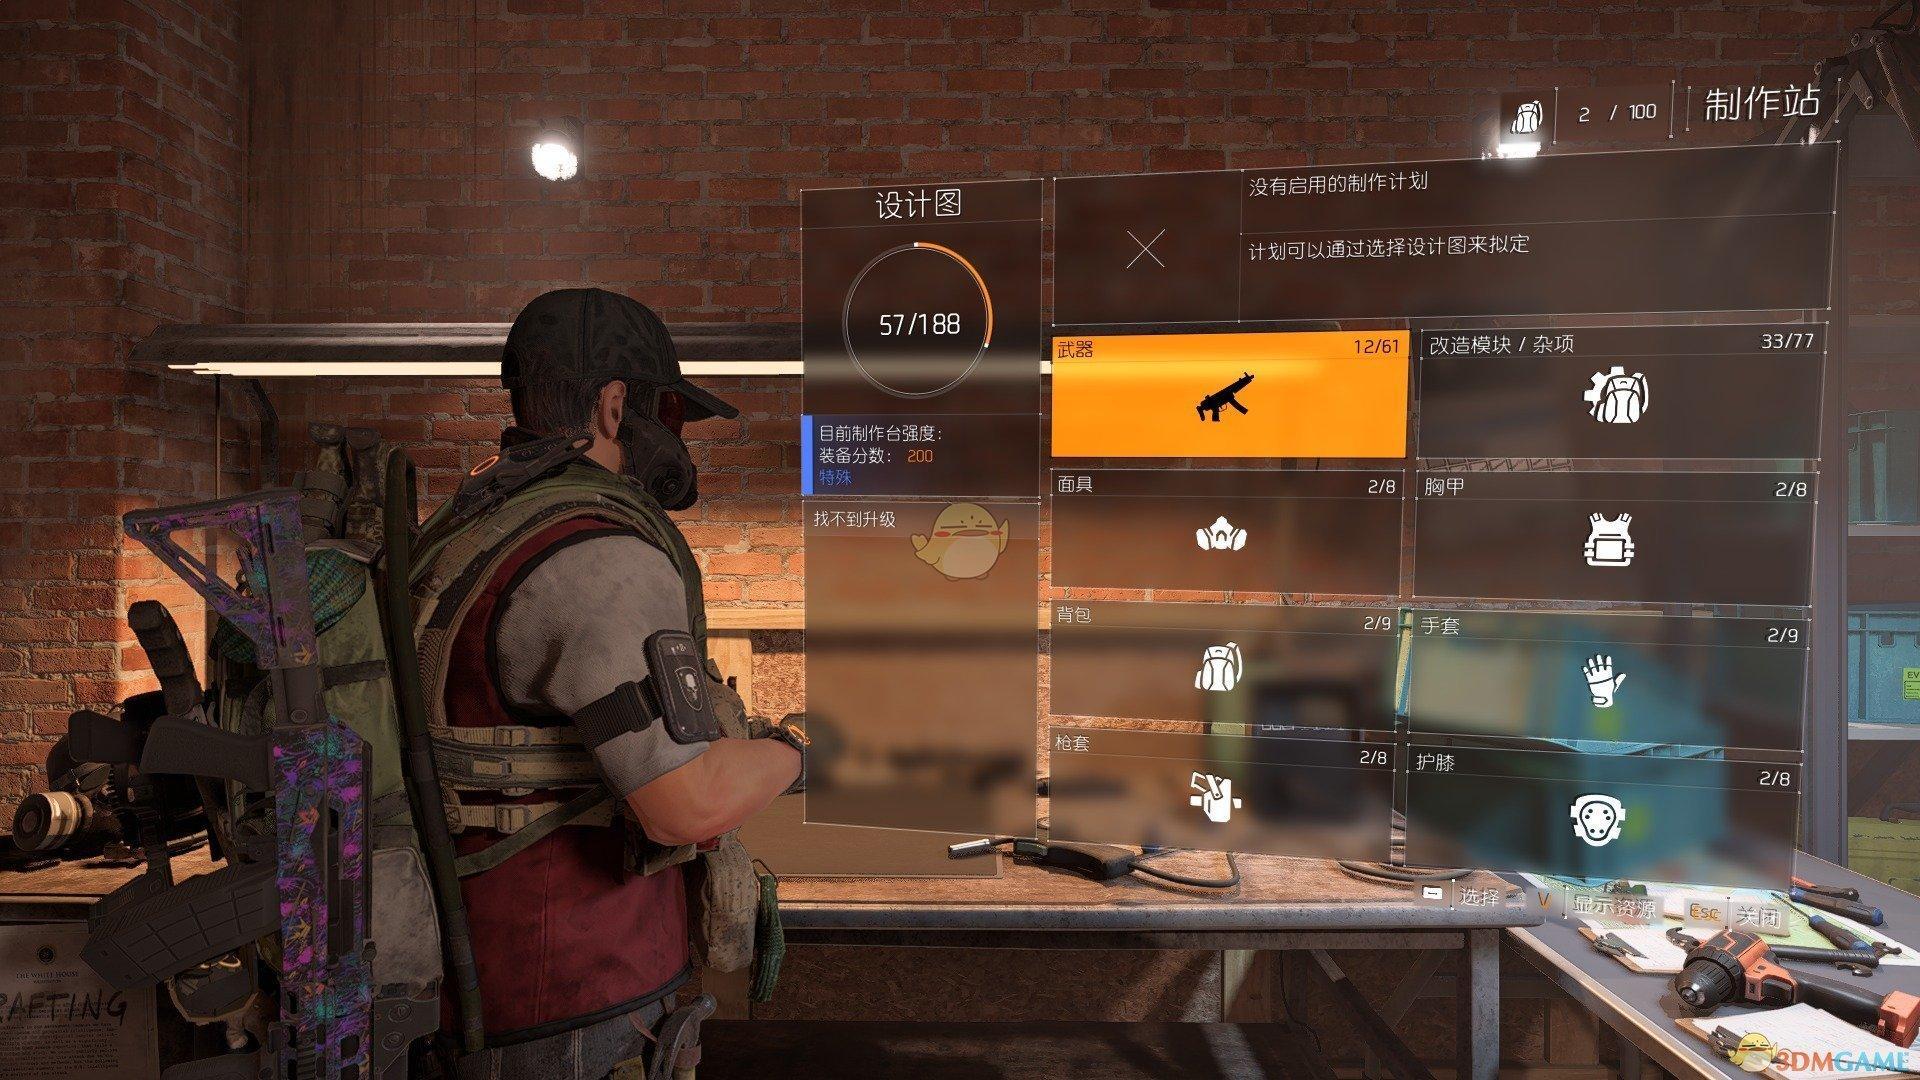 《全境封锁2》新手世界1怎么快速提升自己的装备